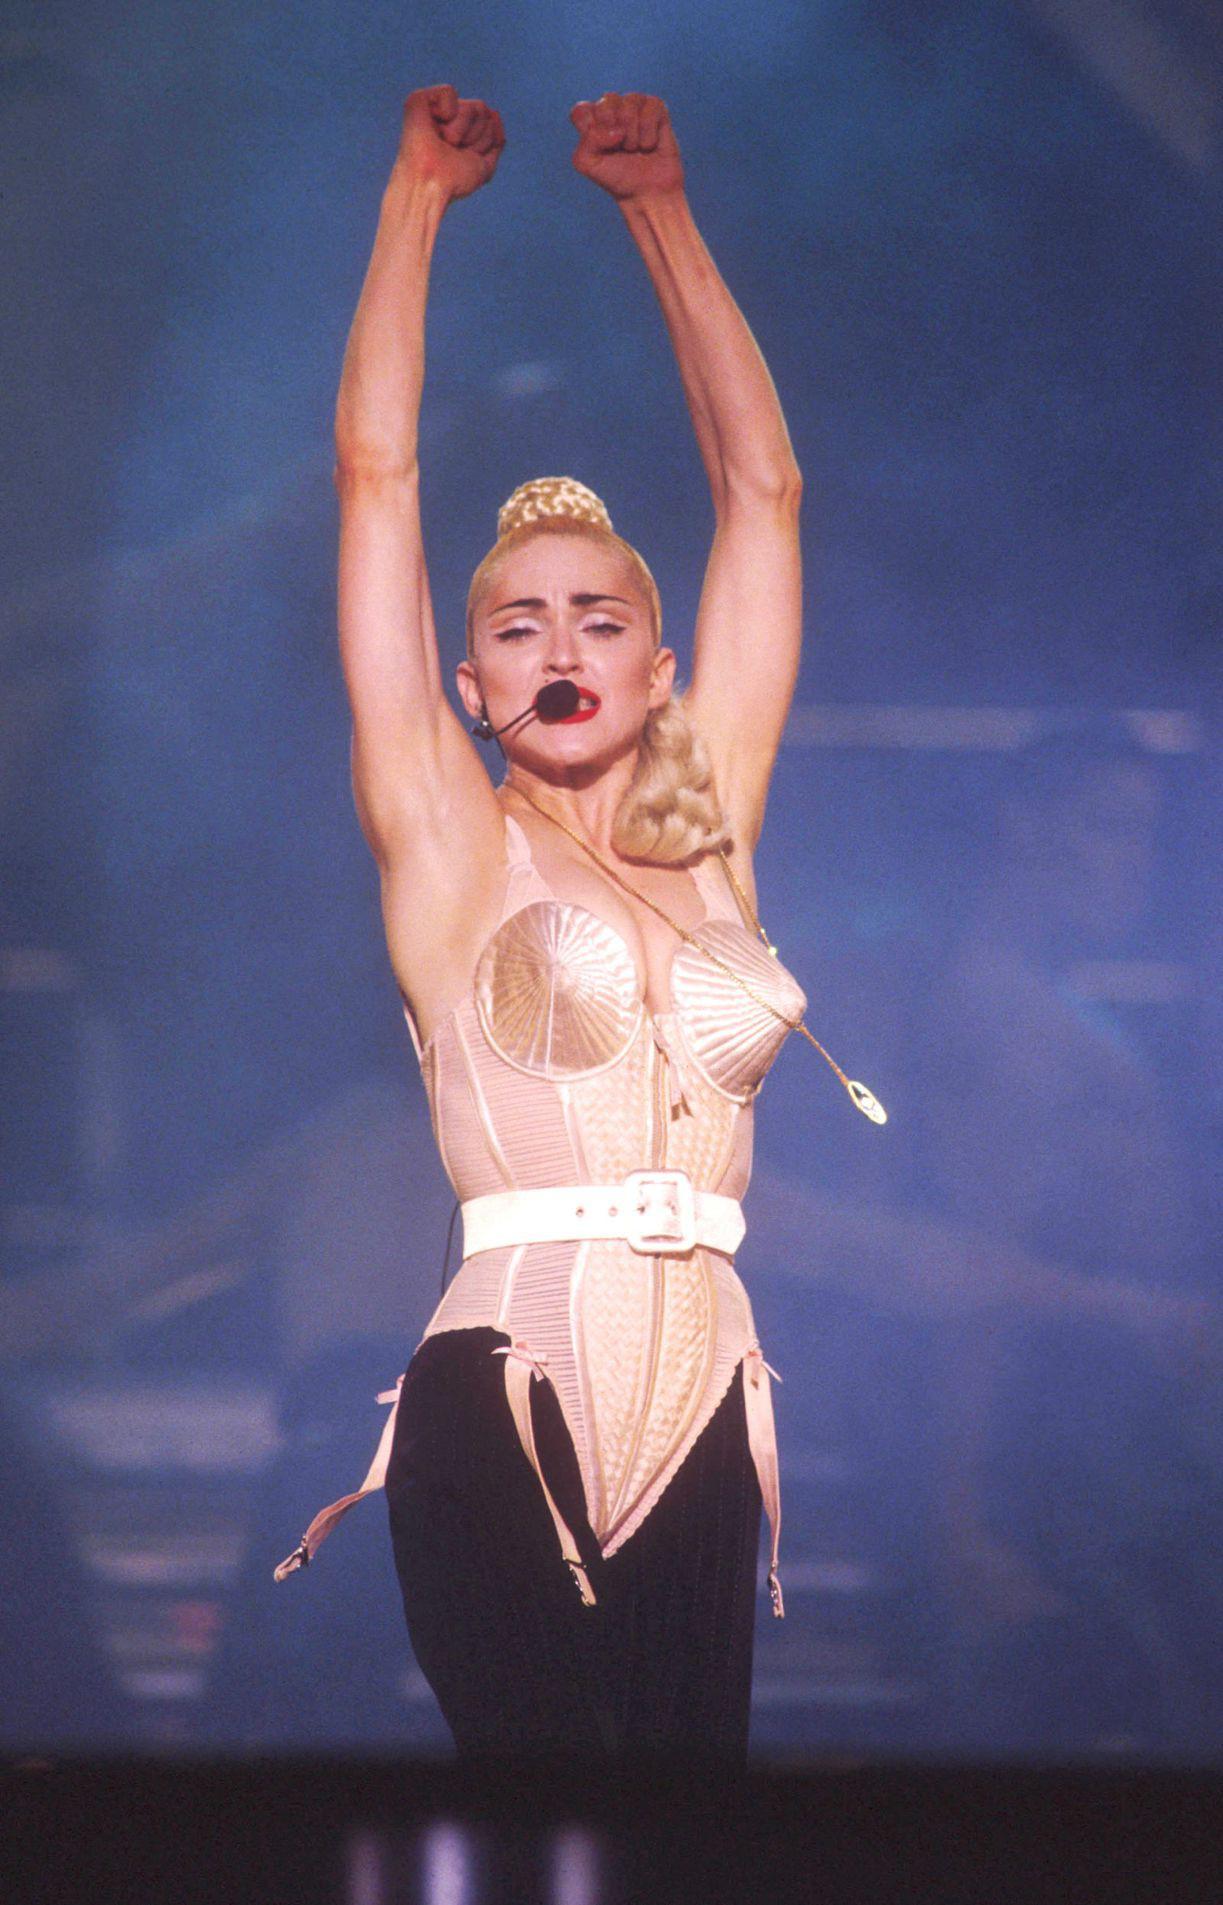 15 khoảnh khắc thời trang ấn tượng nhất những năm 90, có bộ cánh vẫn giữ nguyên tính thời thượng đến tận bây giờ - Ảnh 1.